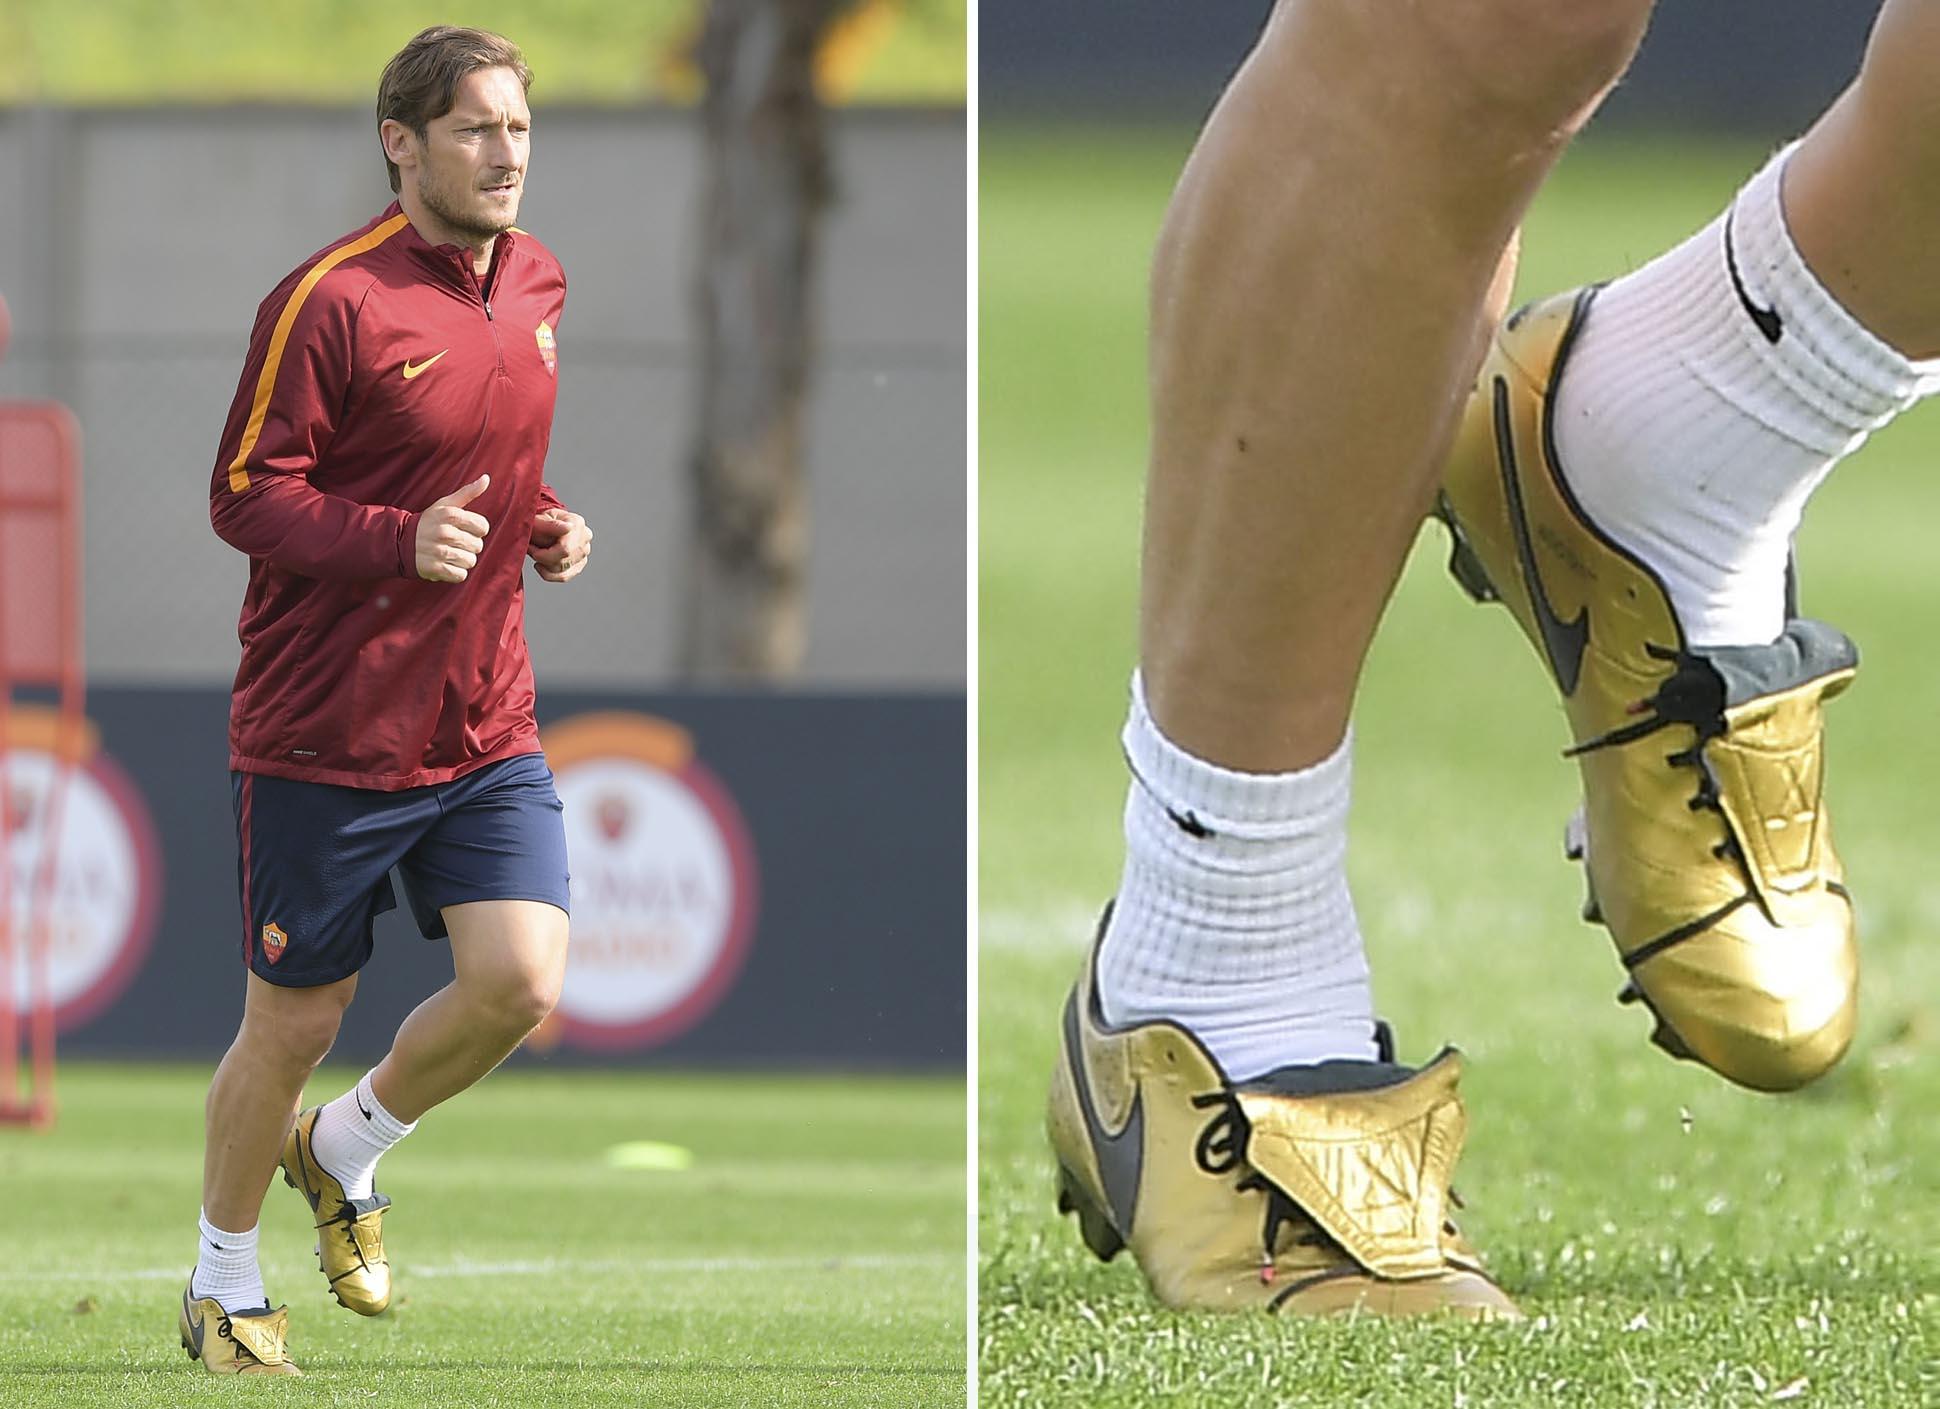 solamente sobrino Polémico  Francesco Totti Trains in Signature Nike Tiempo Football Boots - SoccerBible